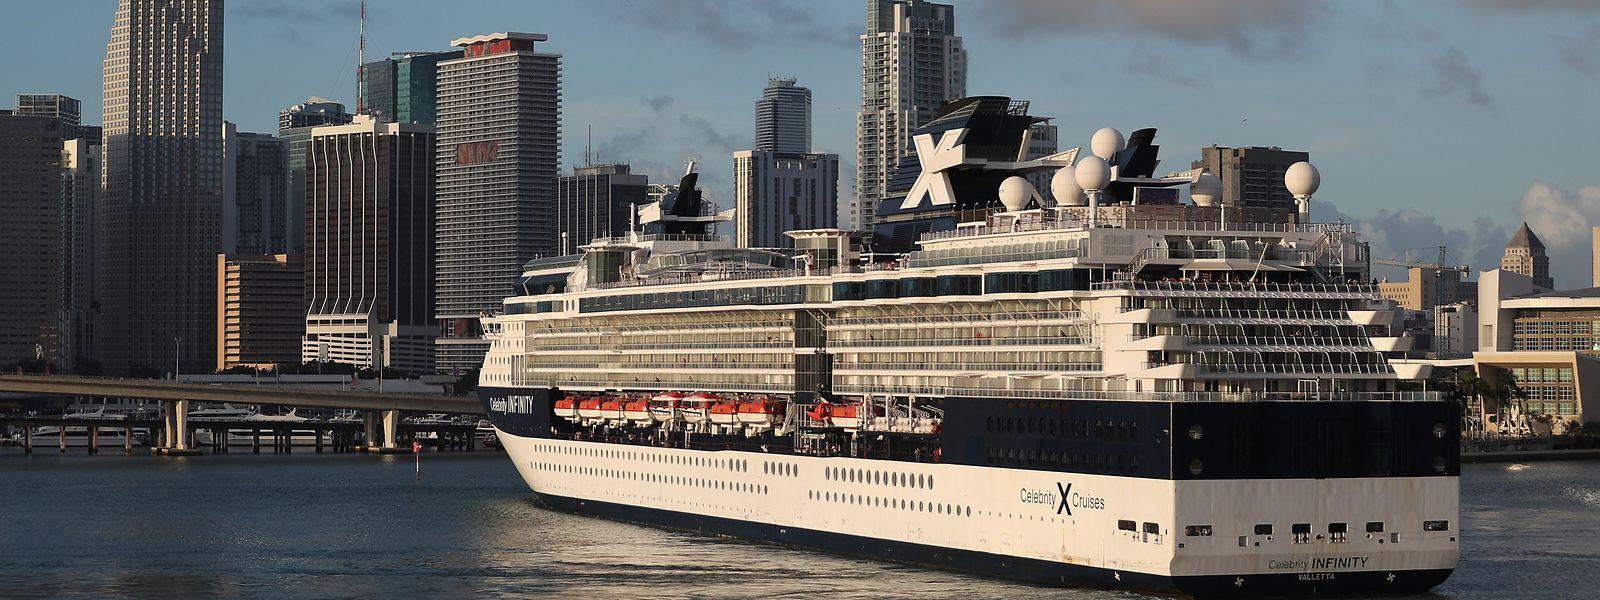 """Das Kreuzfahrtschiff """"Celebrity Infinity"""" kehrt in den Hafen von Miami zurück: Viele Seereisen wurden aufgrund der Coronavirus-Pandemie abgesagt."""